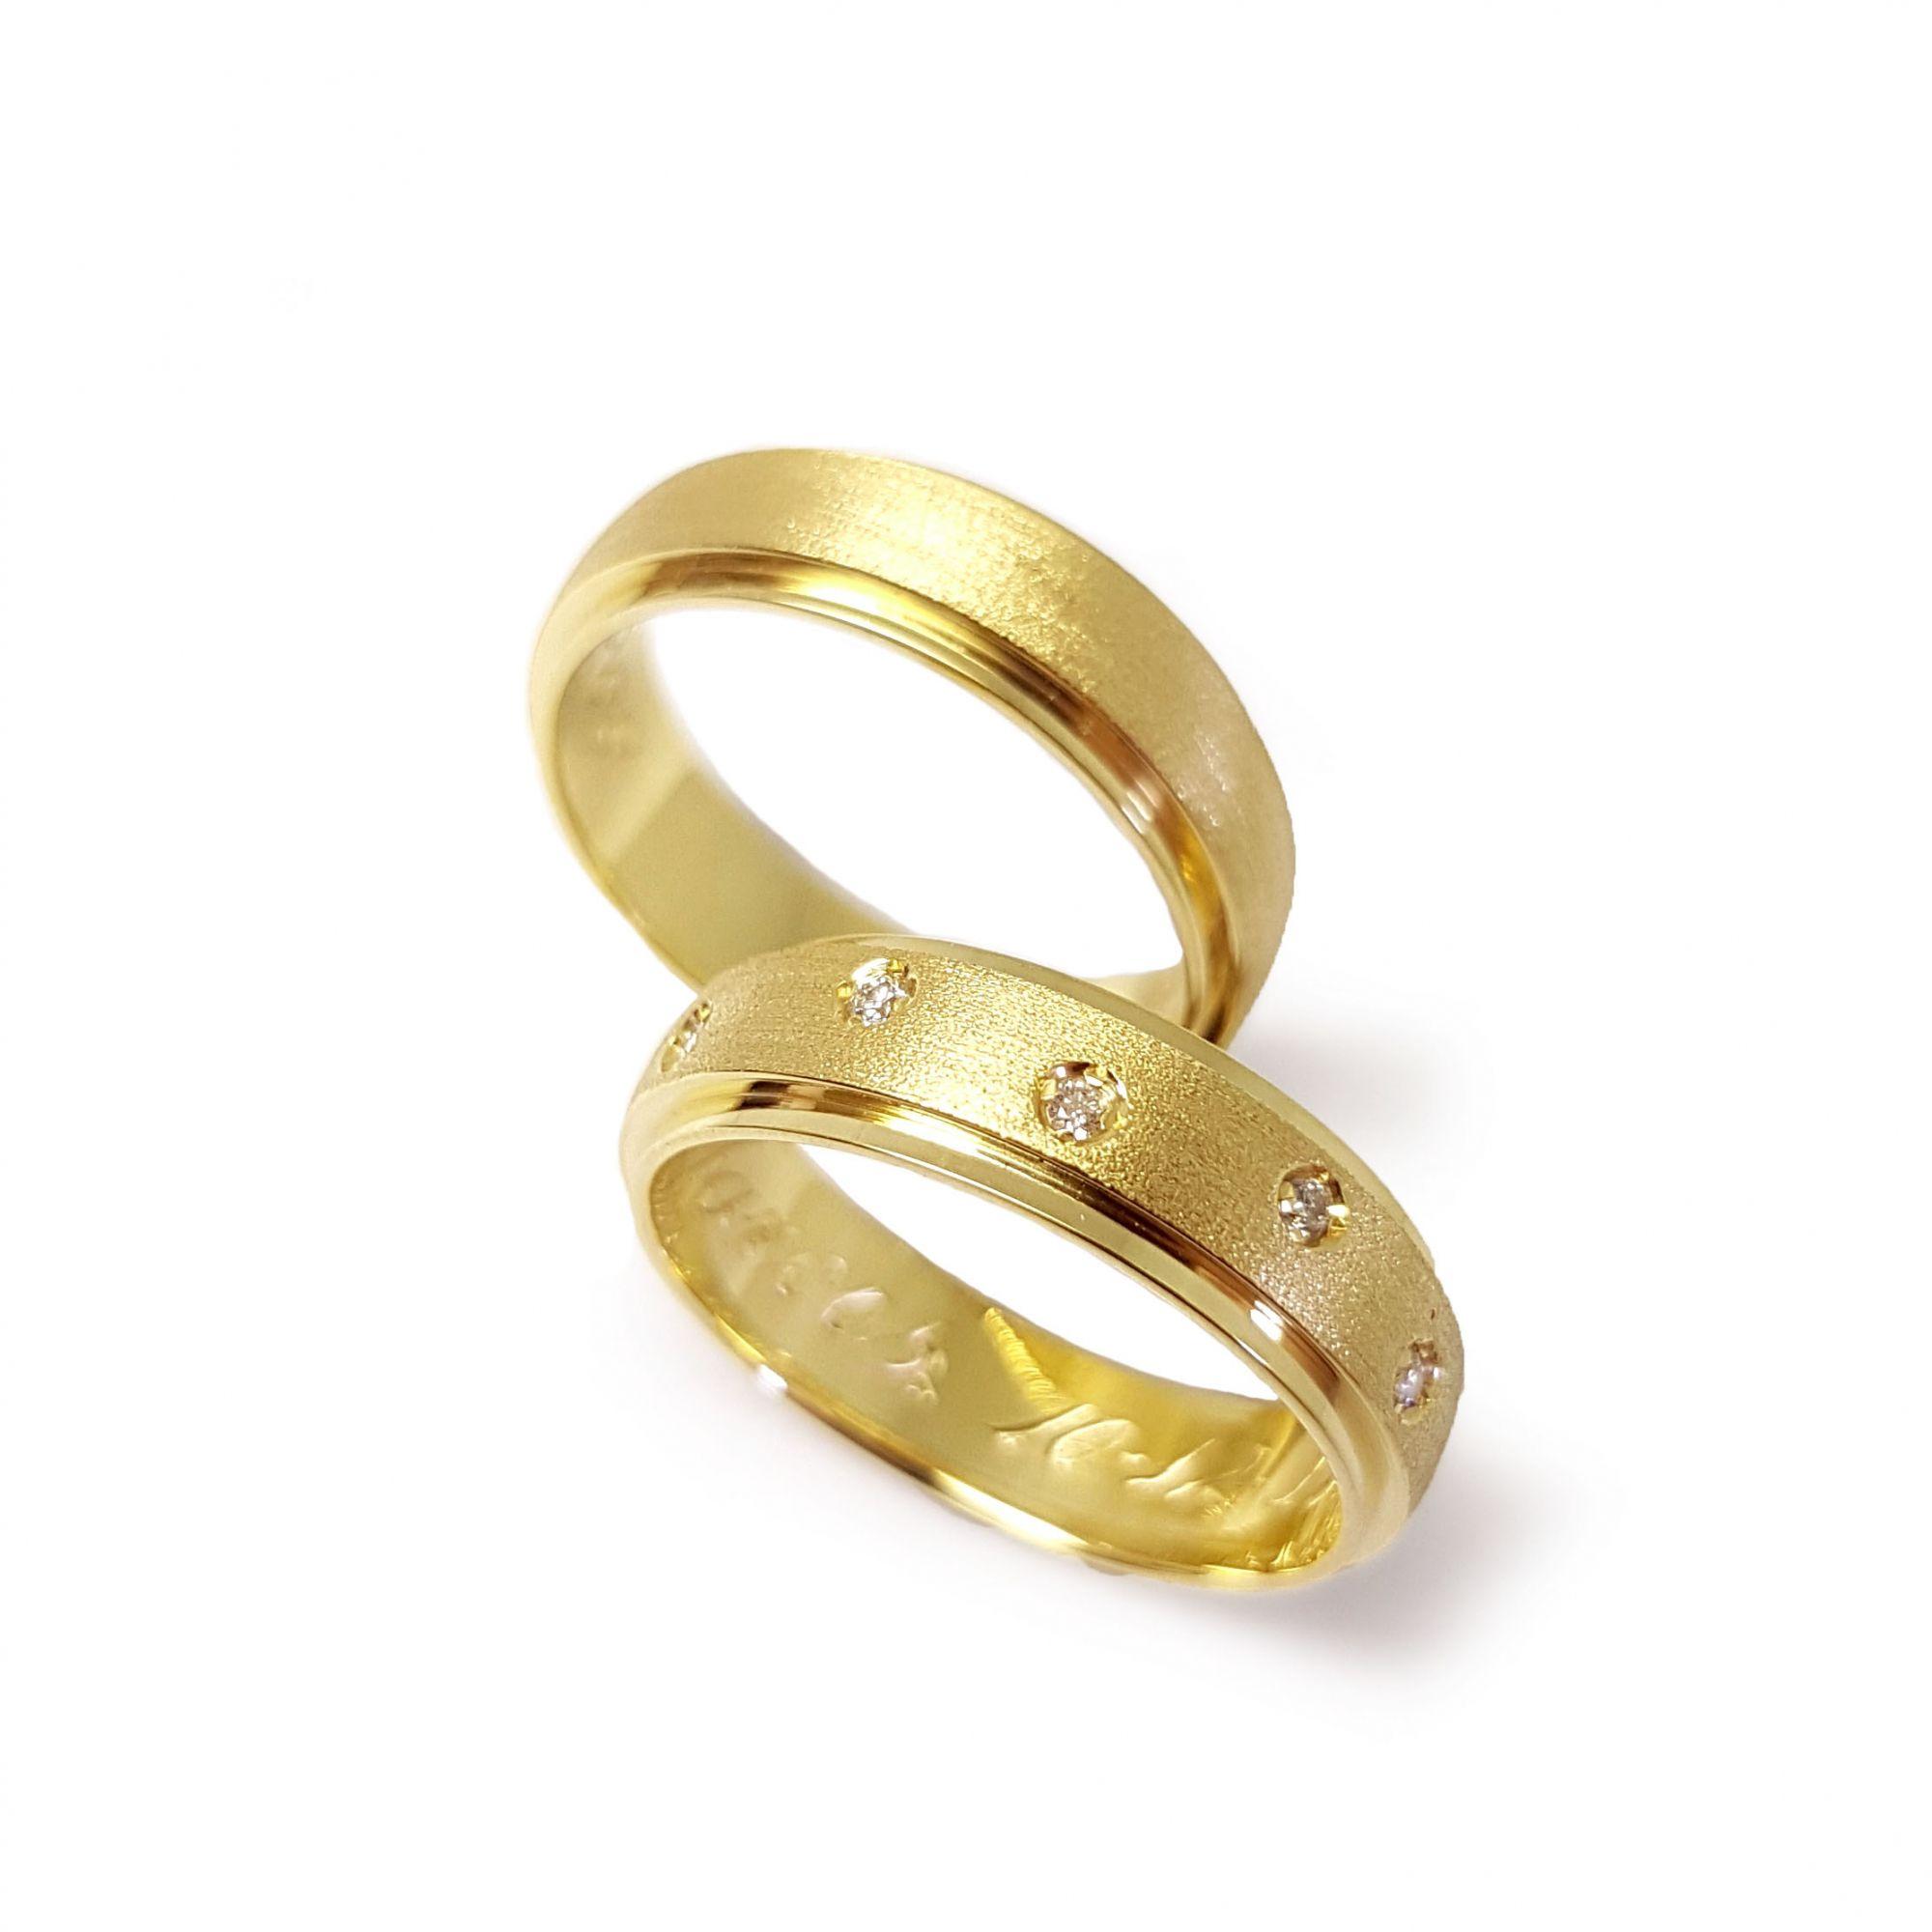 aa9bebf47c843 Par de Aliança Ouro 18k com 5 Diamantes - YVES